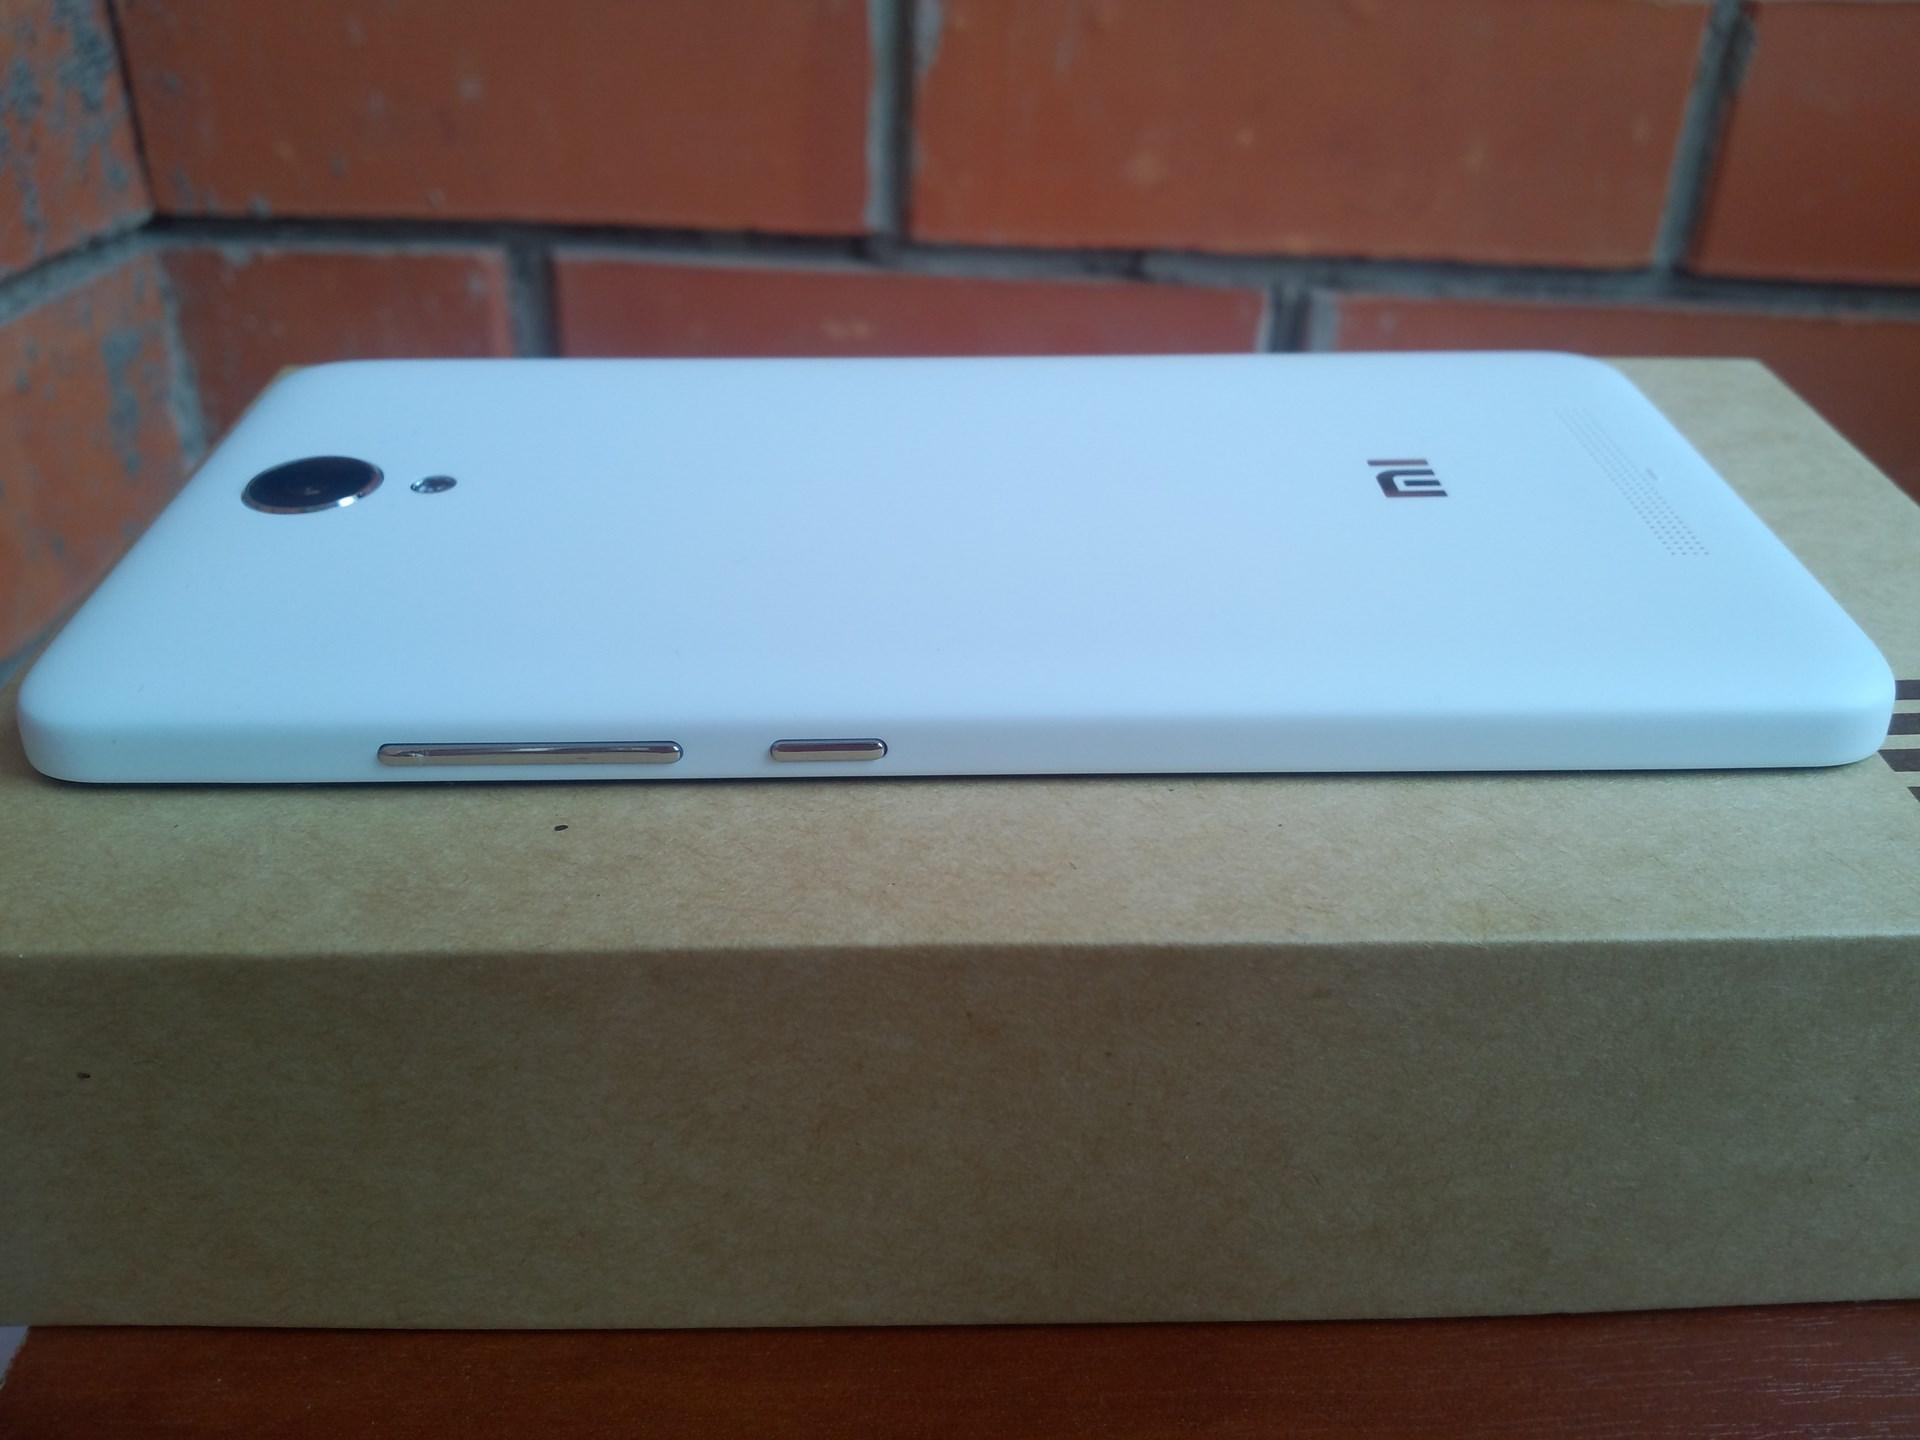 Обзор лучшего бюджетника 2015 года — Xiaomi Redmi Note 2 - 5